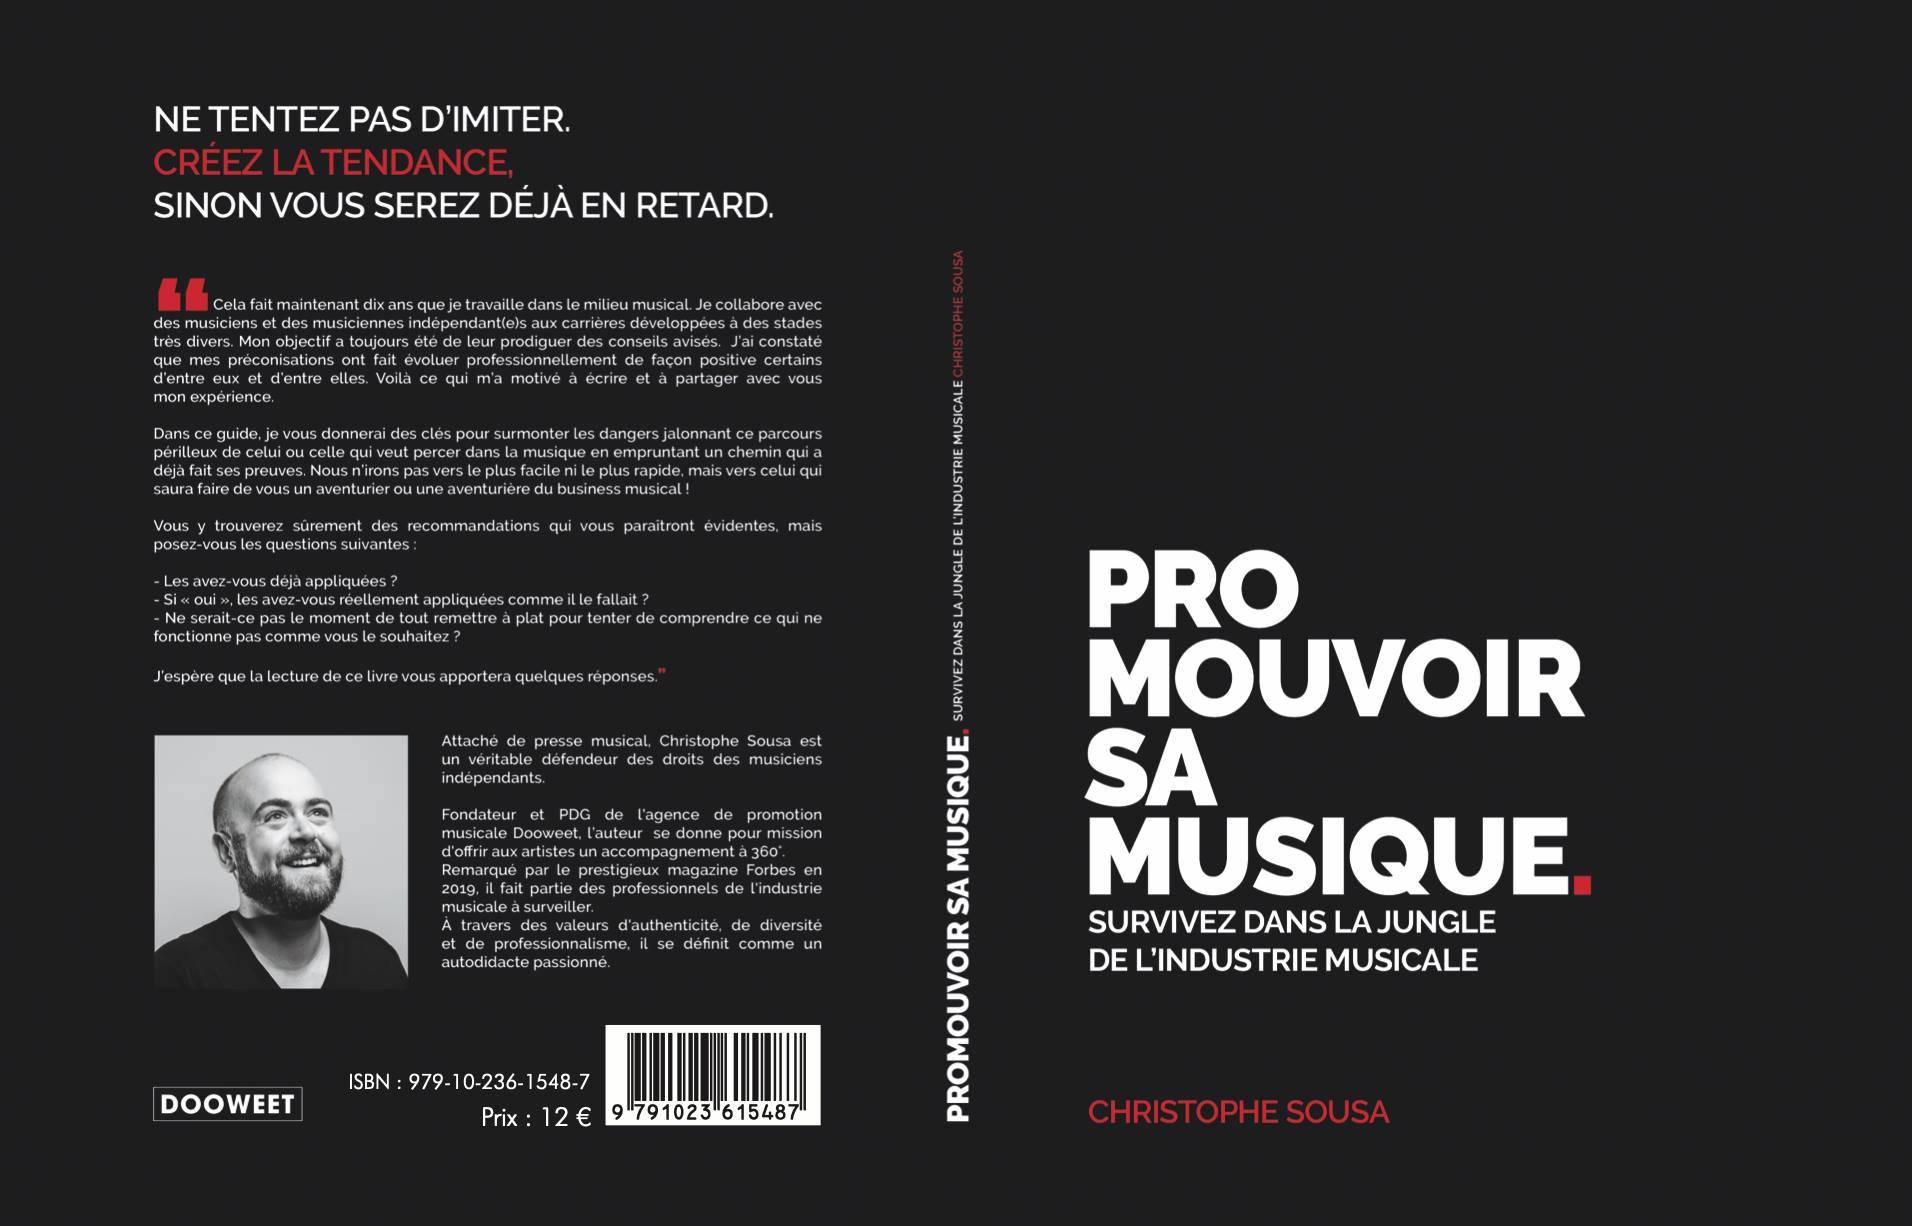 PROMOUVOIR SA MUSIQUE : Survivez dans la jungle de l'Industrie Musicale (Dooweet)